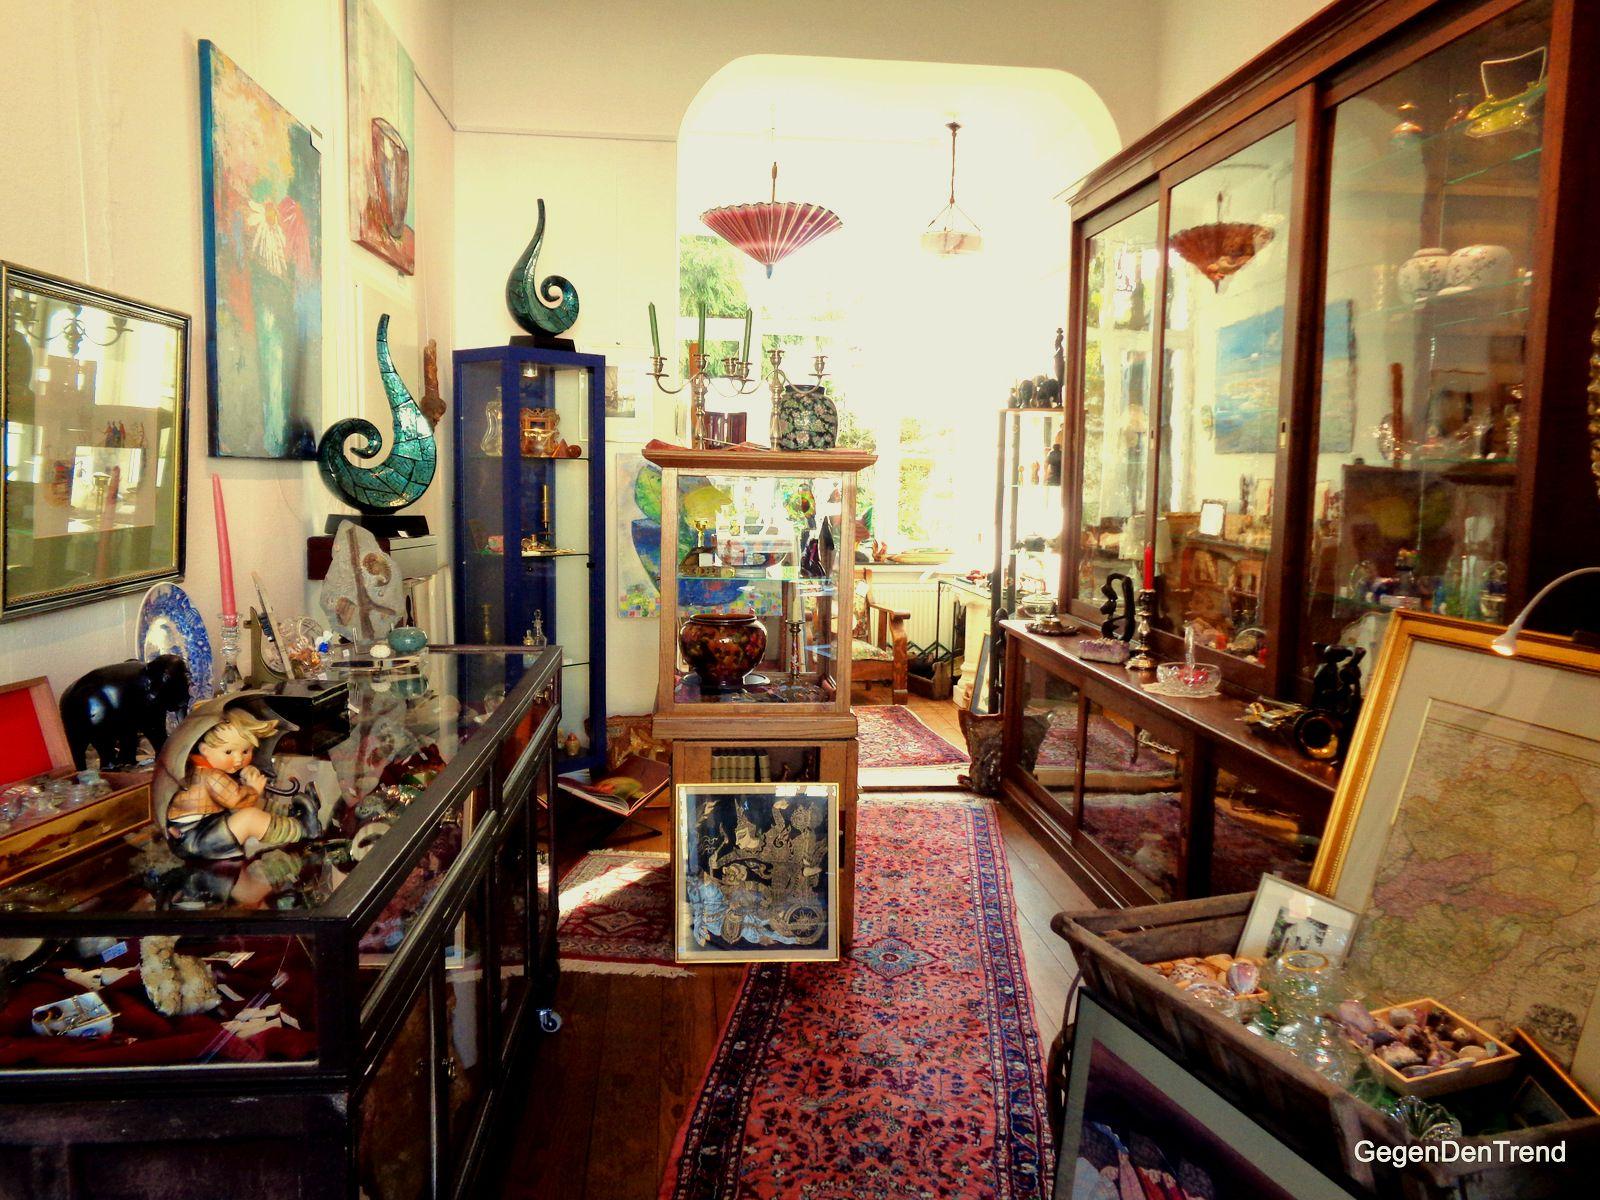 GegenDenTrend Antiquitäten- und Kunstgalerie